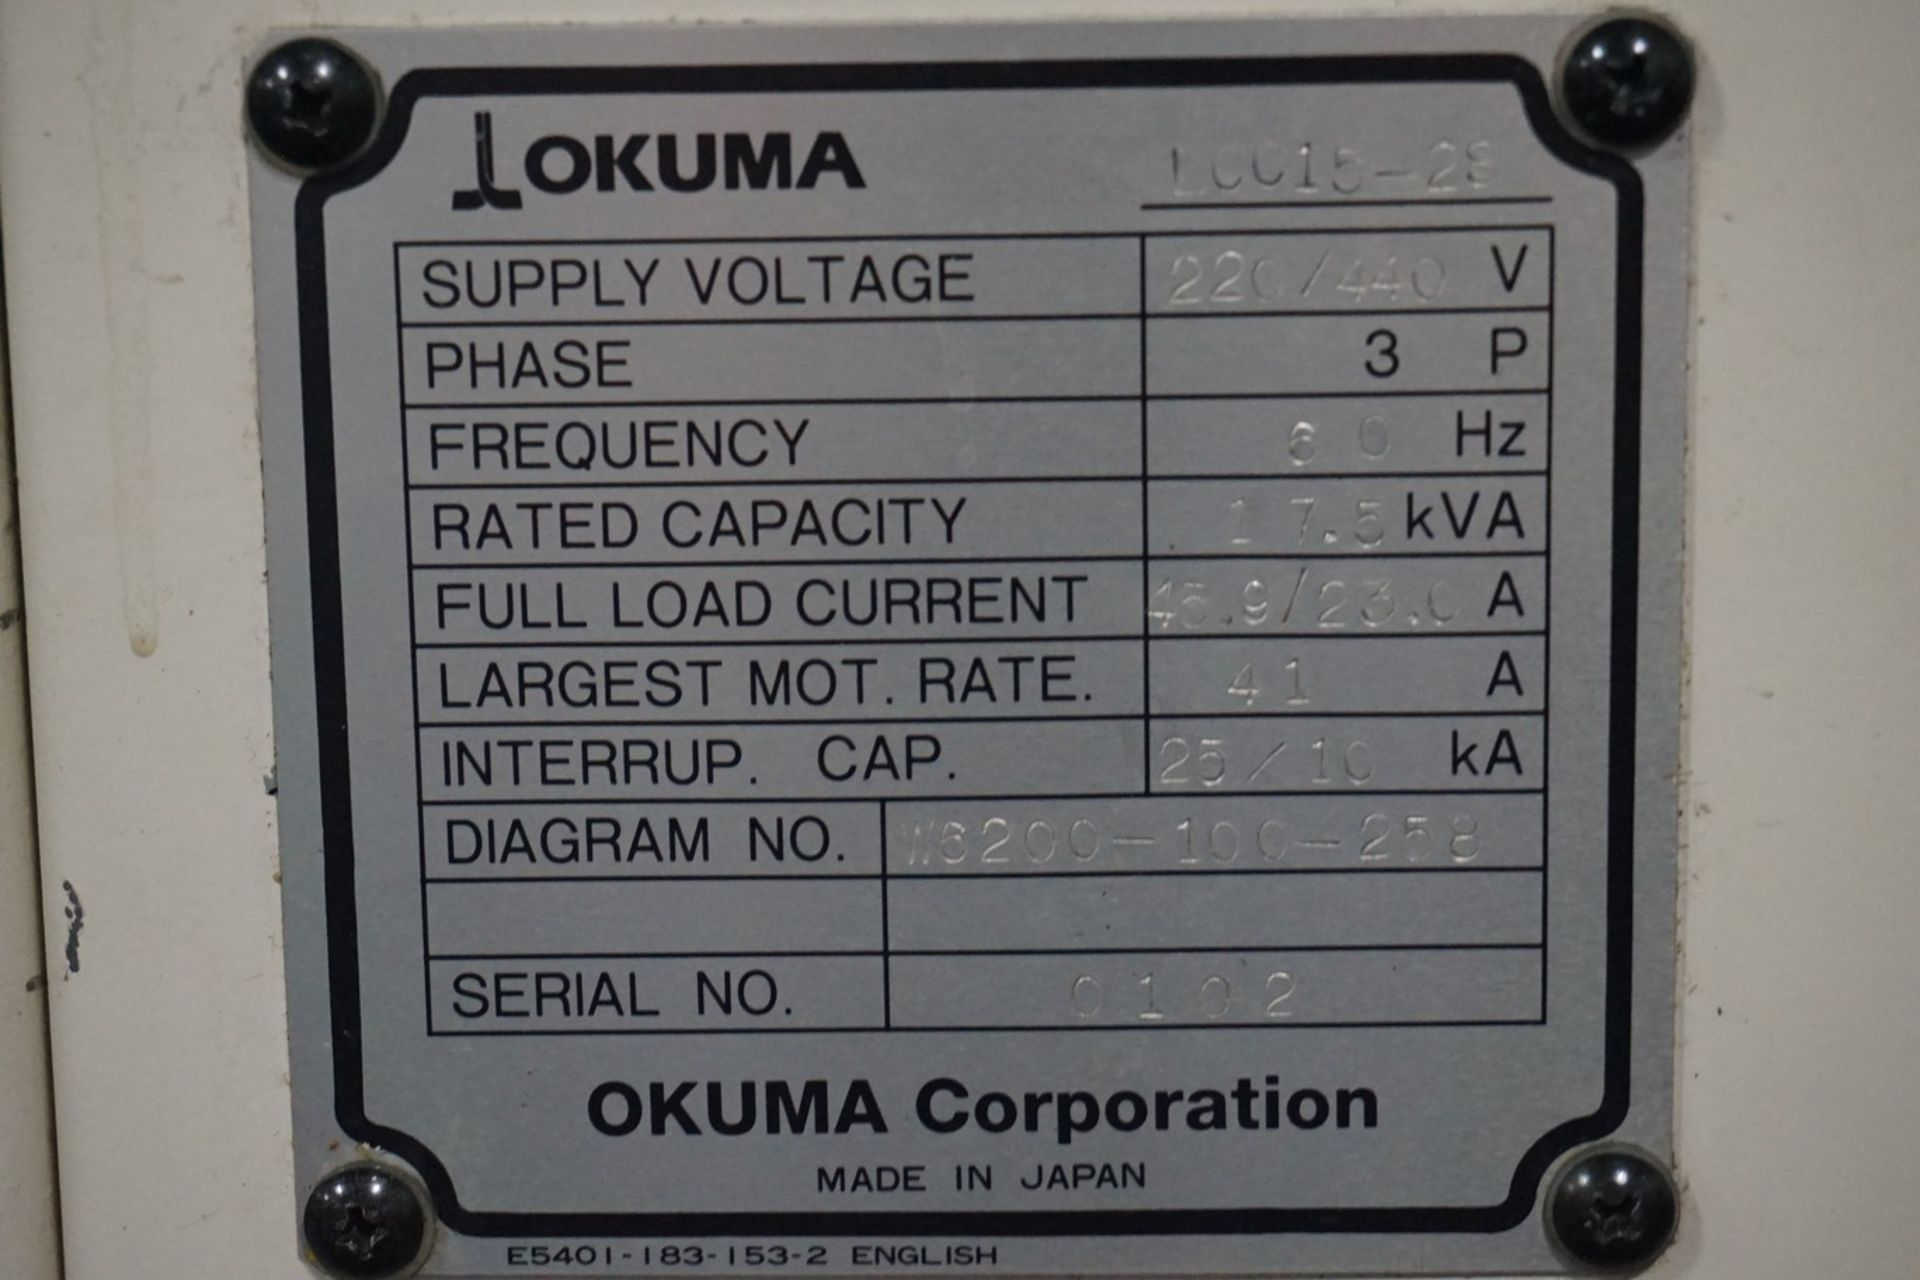 Okuma Model LCC15-2S CNC Lathe 220/240V c/w Chip Conveyor, Transformer - Image 9 of 11